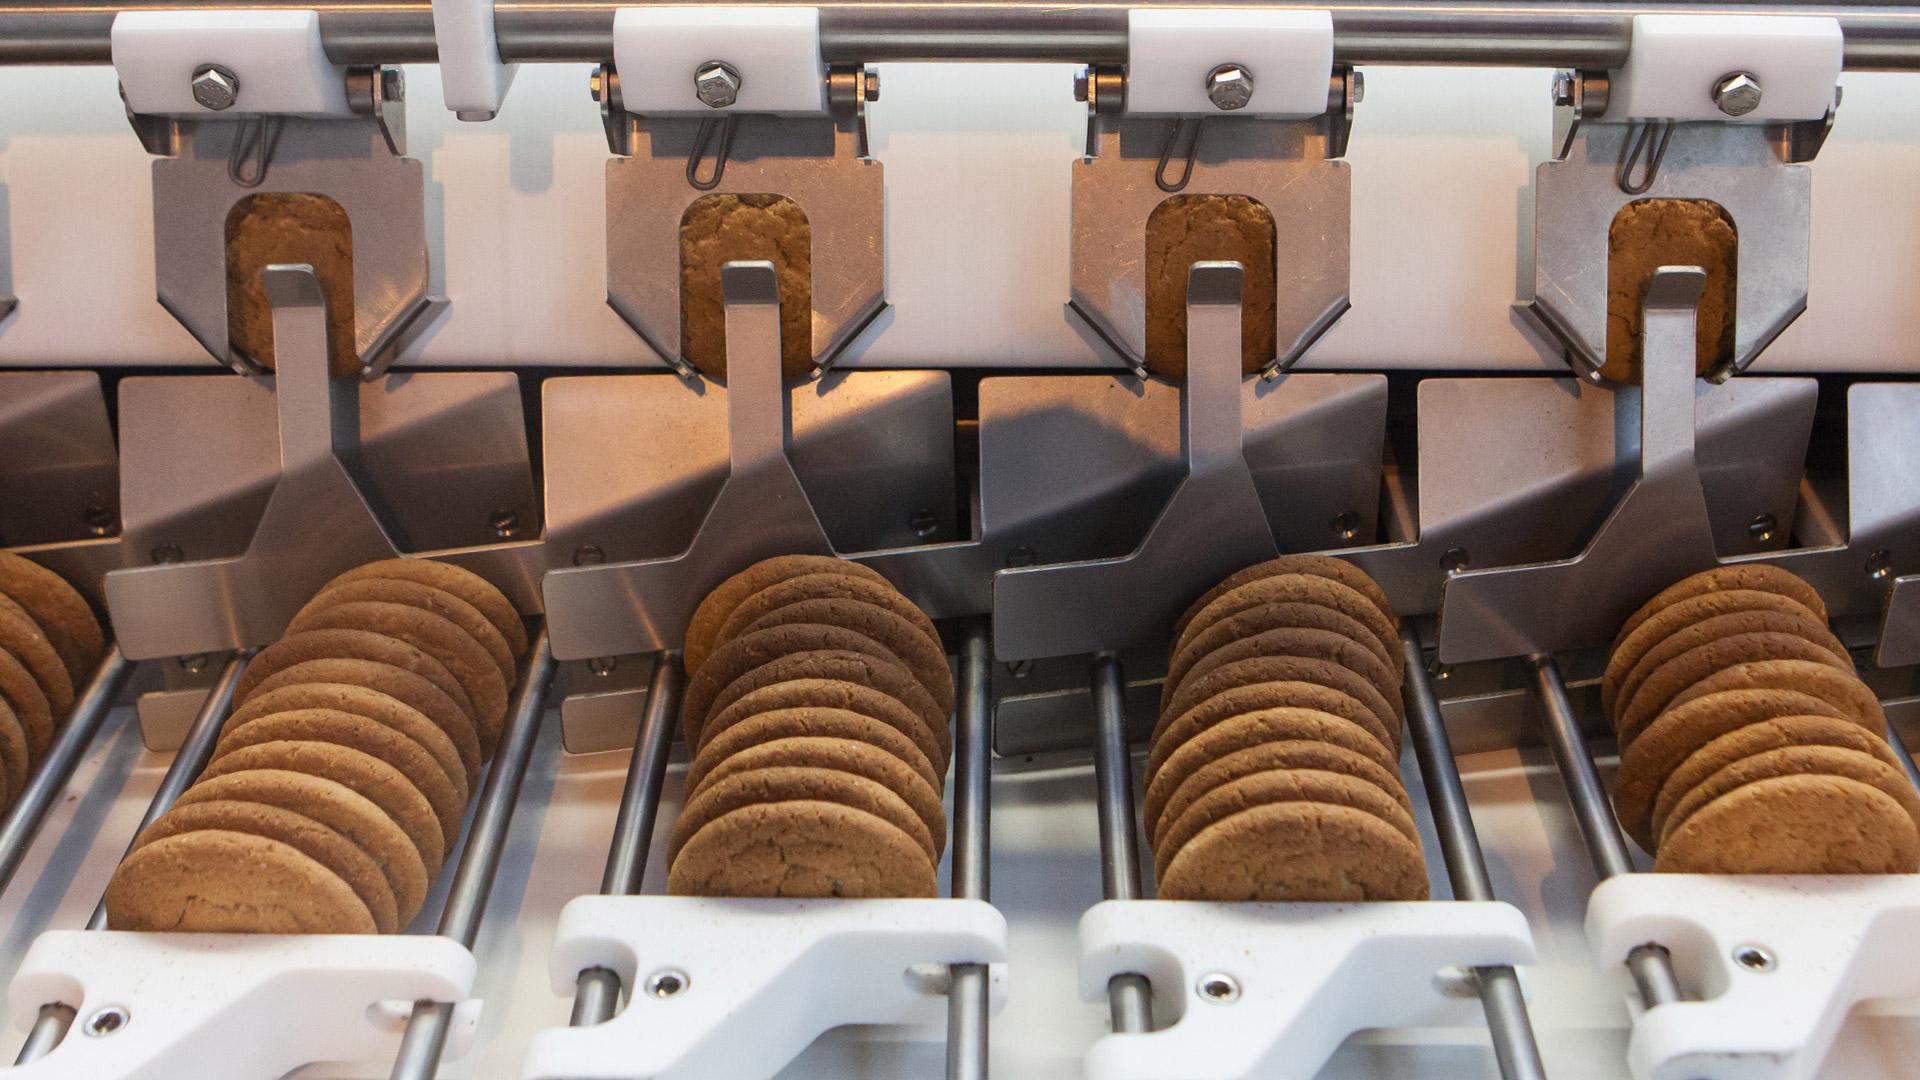 Food manufacturing processing bureau veritas - Bureau veritas head office ...